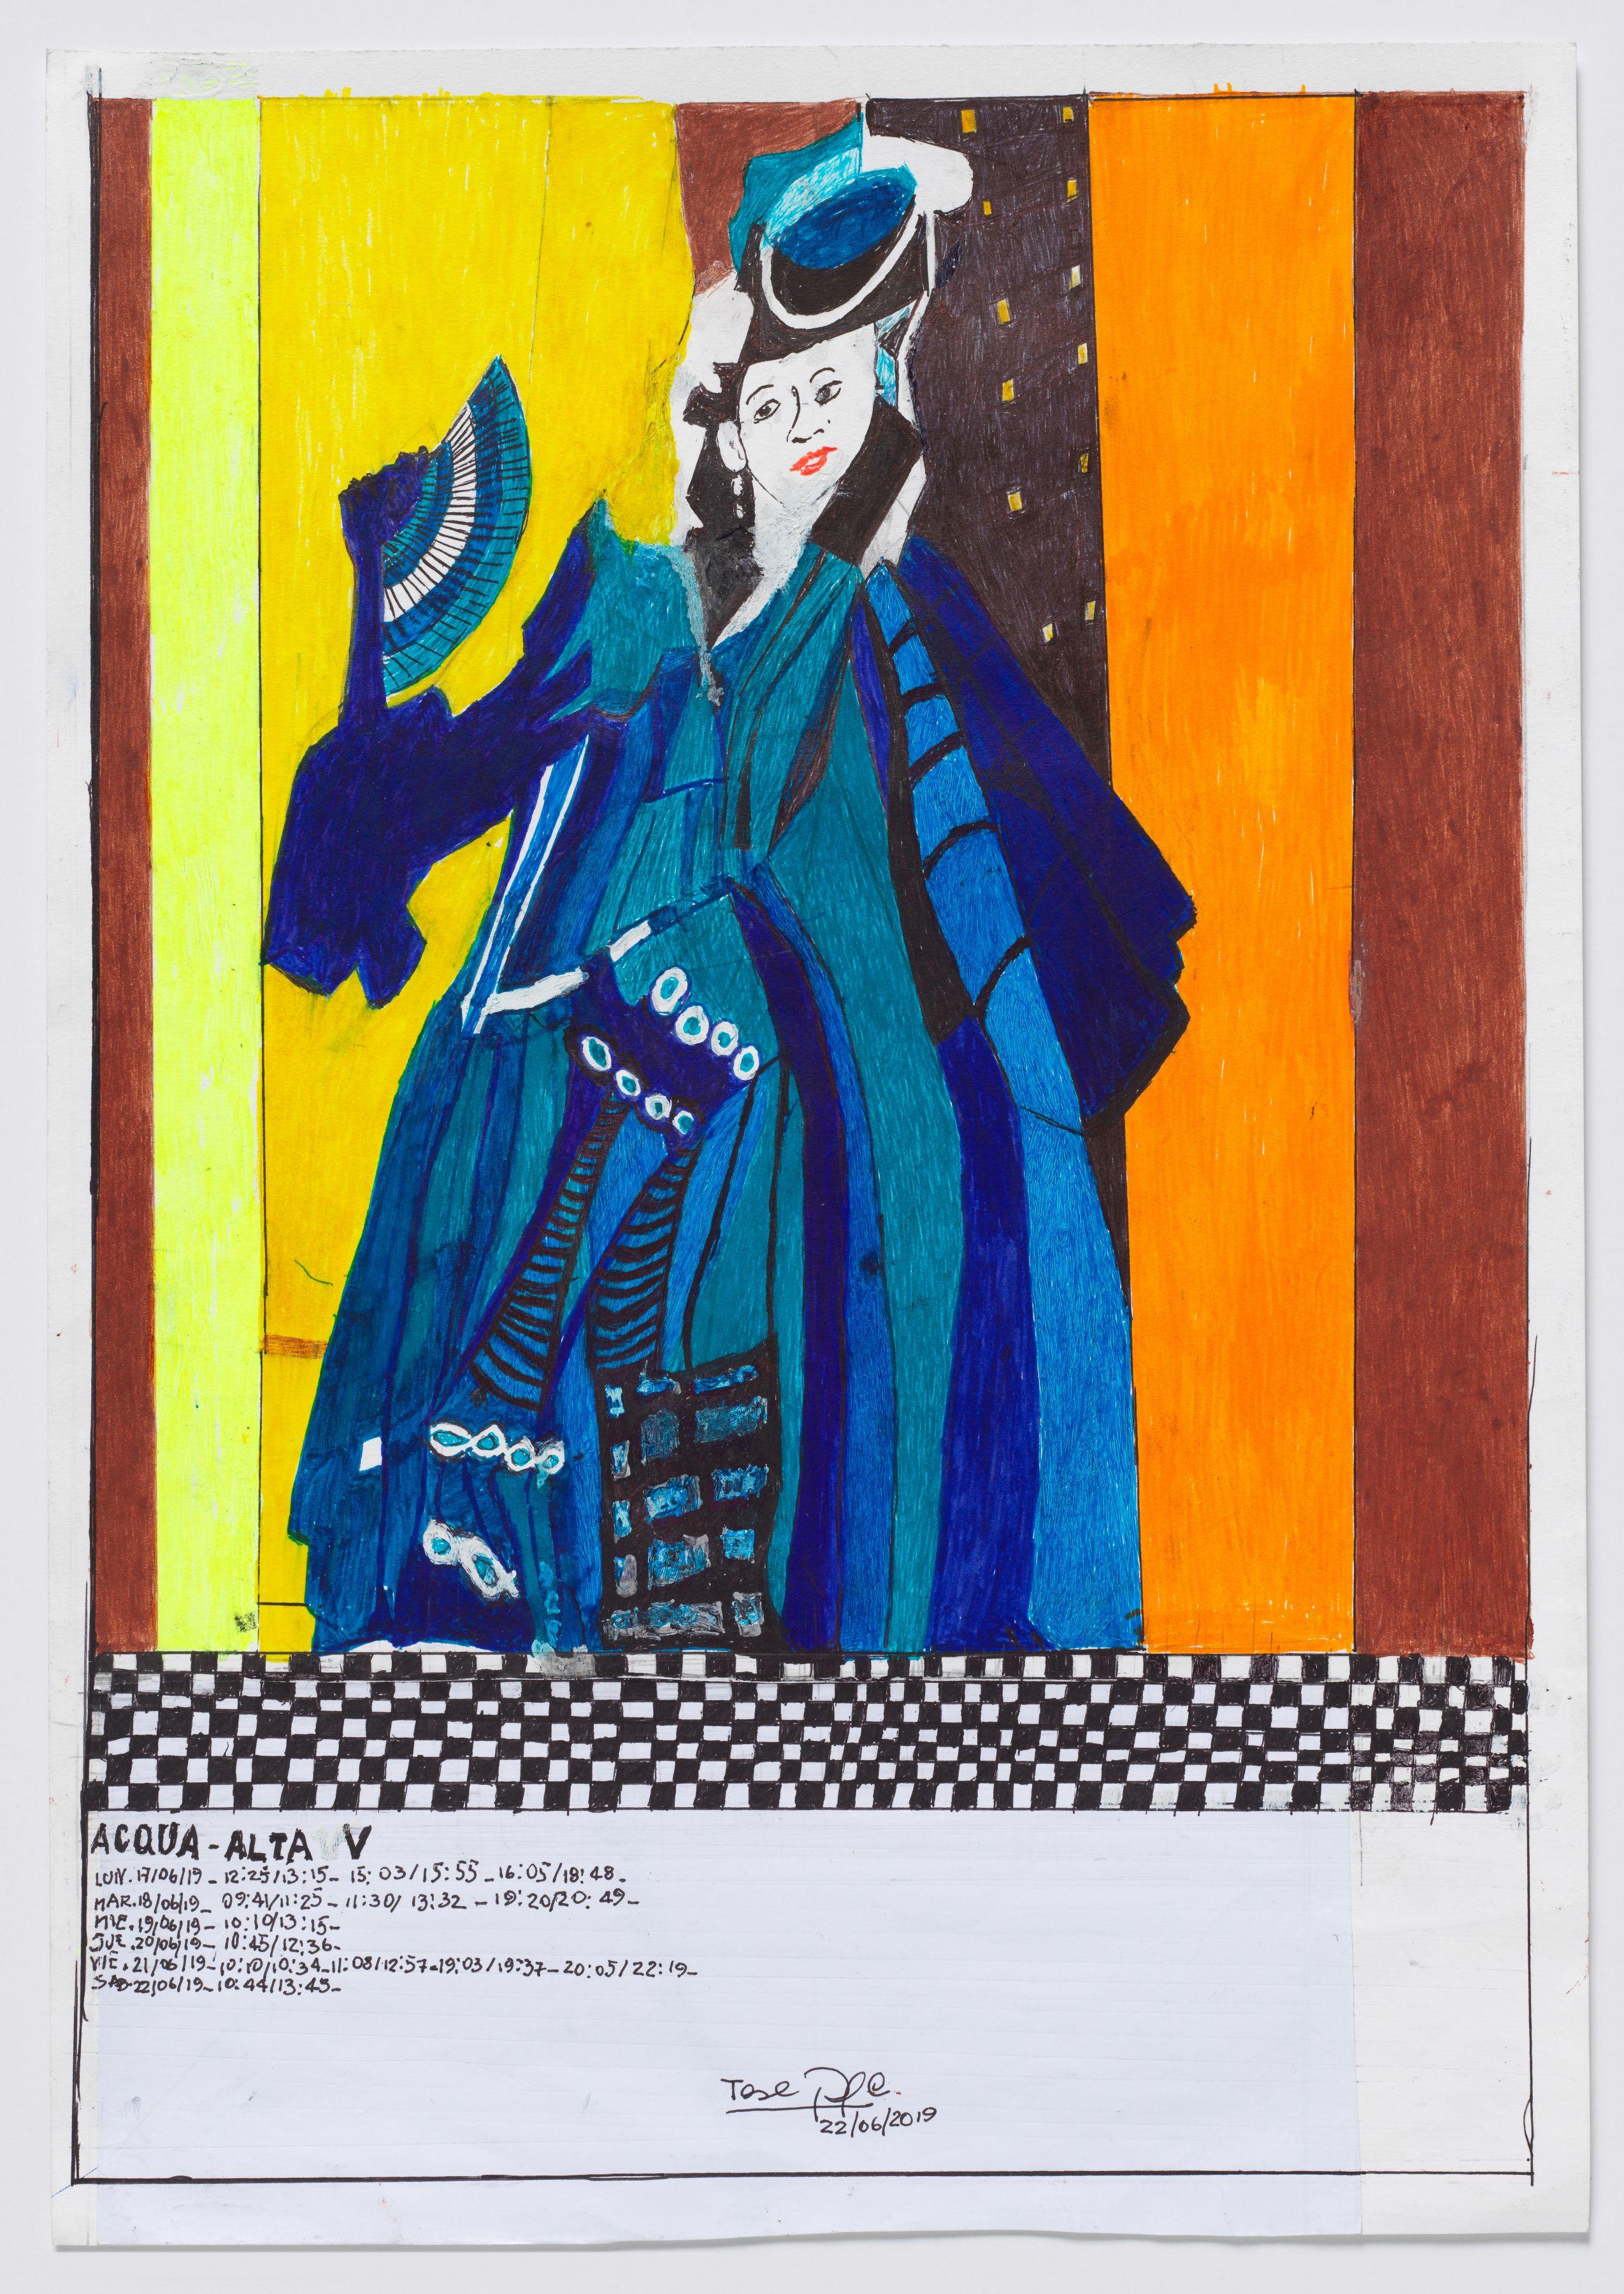 Teresa Burga, Untitled (Acqua Alta V), 2019